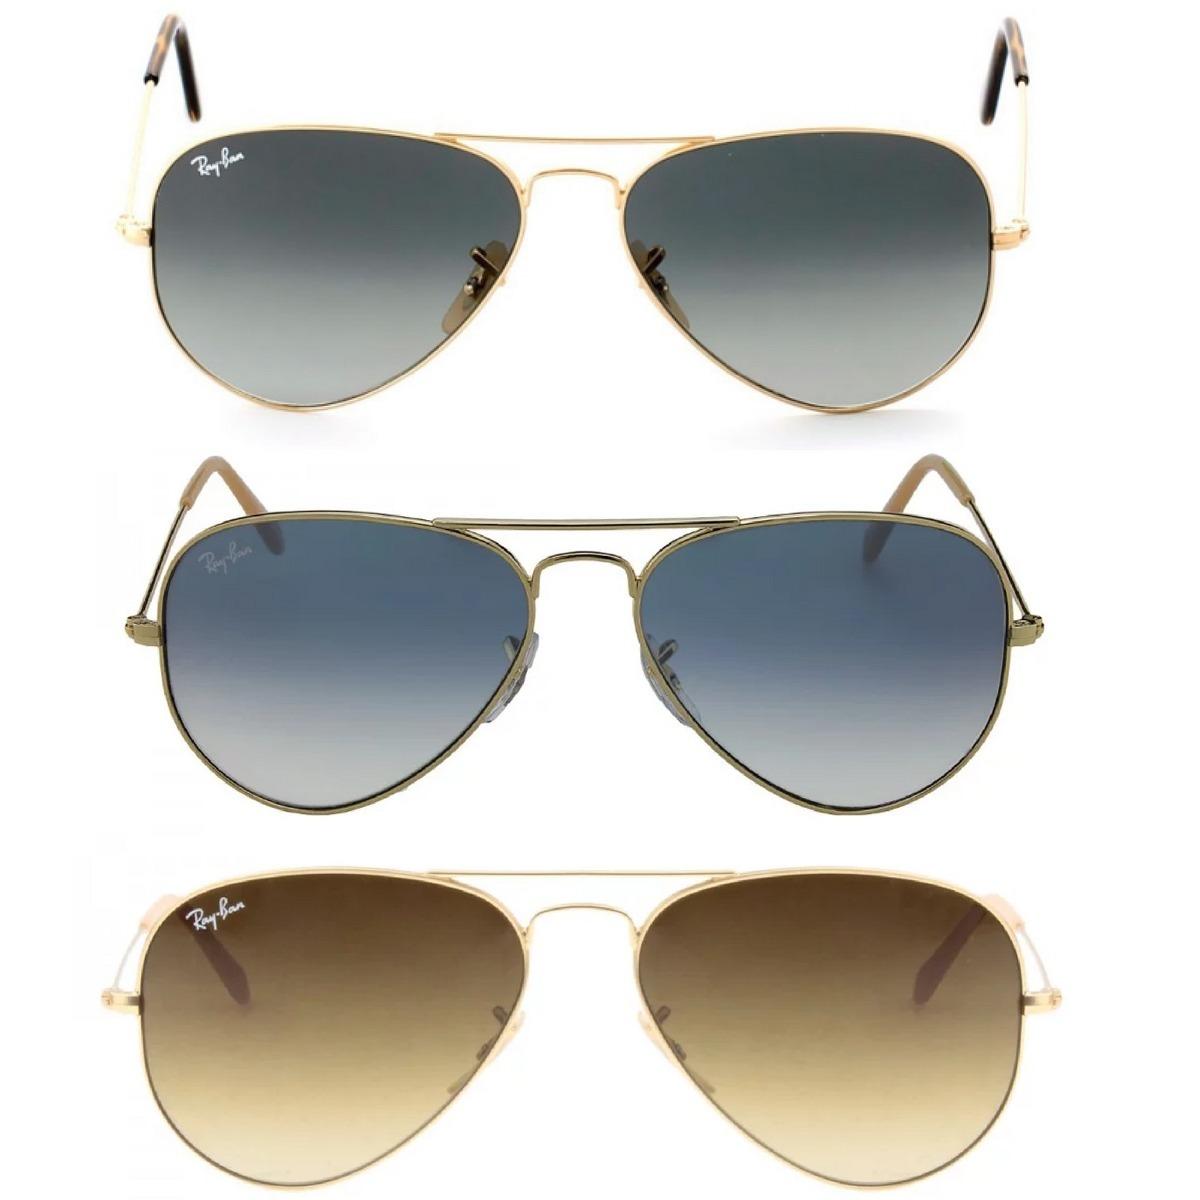 oculos sol rb aviador degrade original feminino mascu p m g. Carregando  zoom. eae38e2ed8